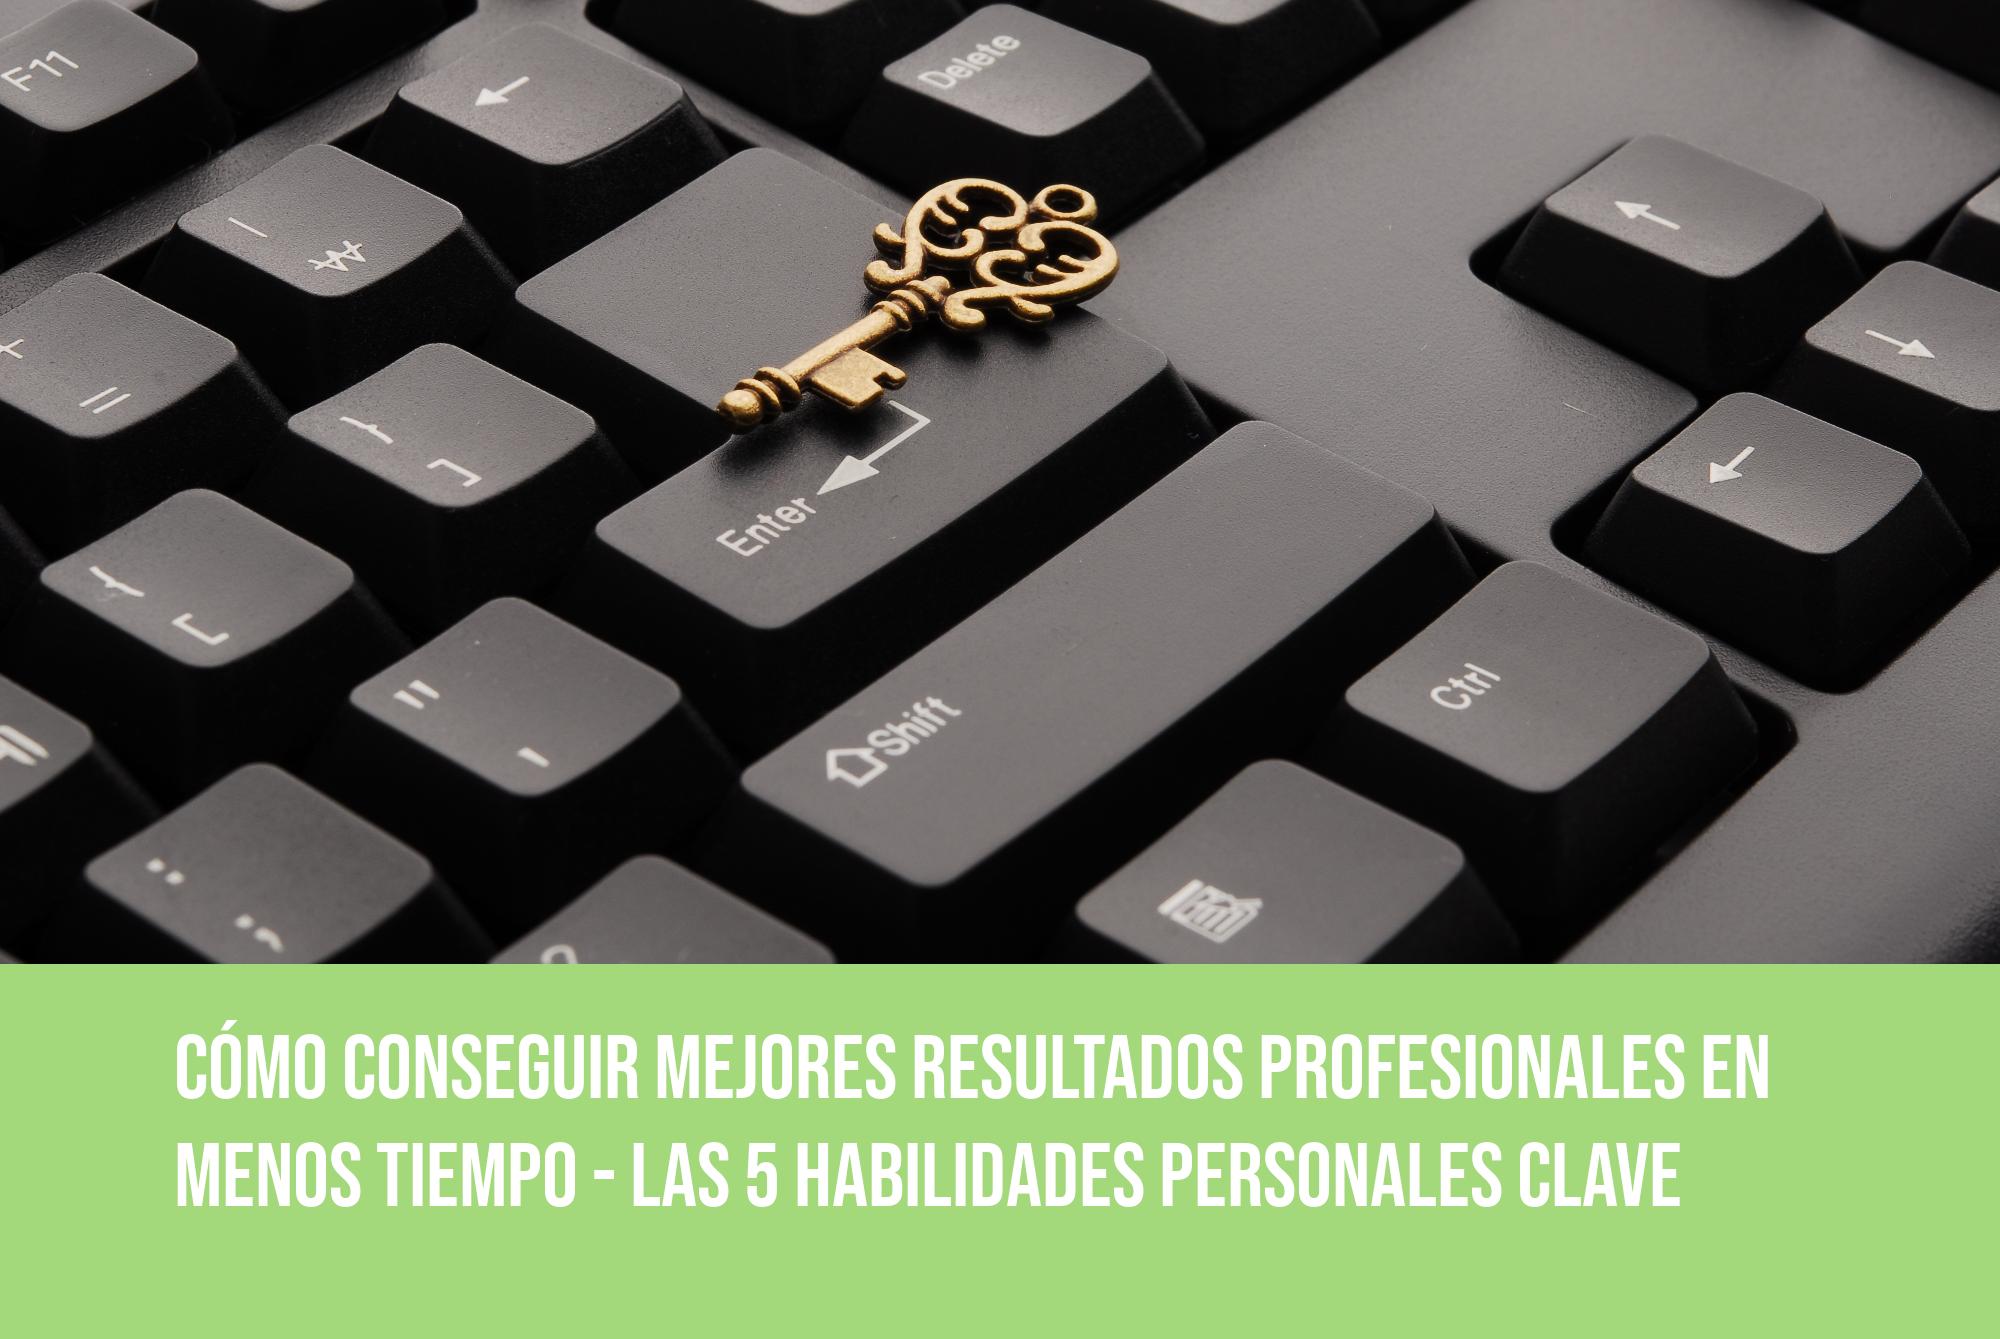 CÓMO CONSEGUIR MEJORES RESULTADOS PROFESIONALES EN MENOS TIEMPO – las 5 habilidades personales clave